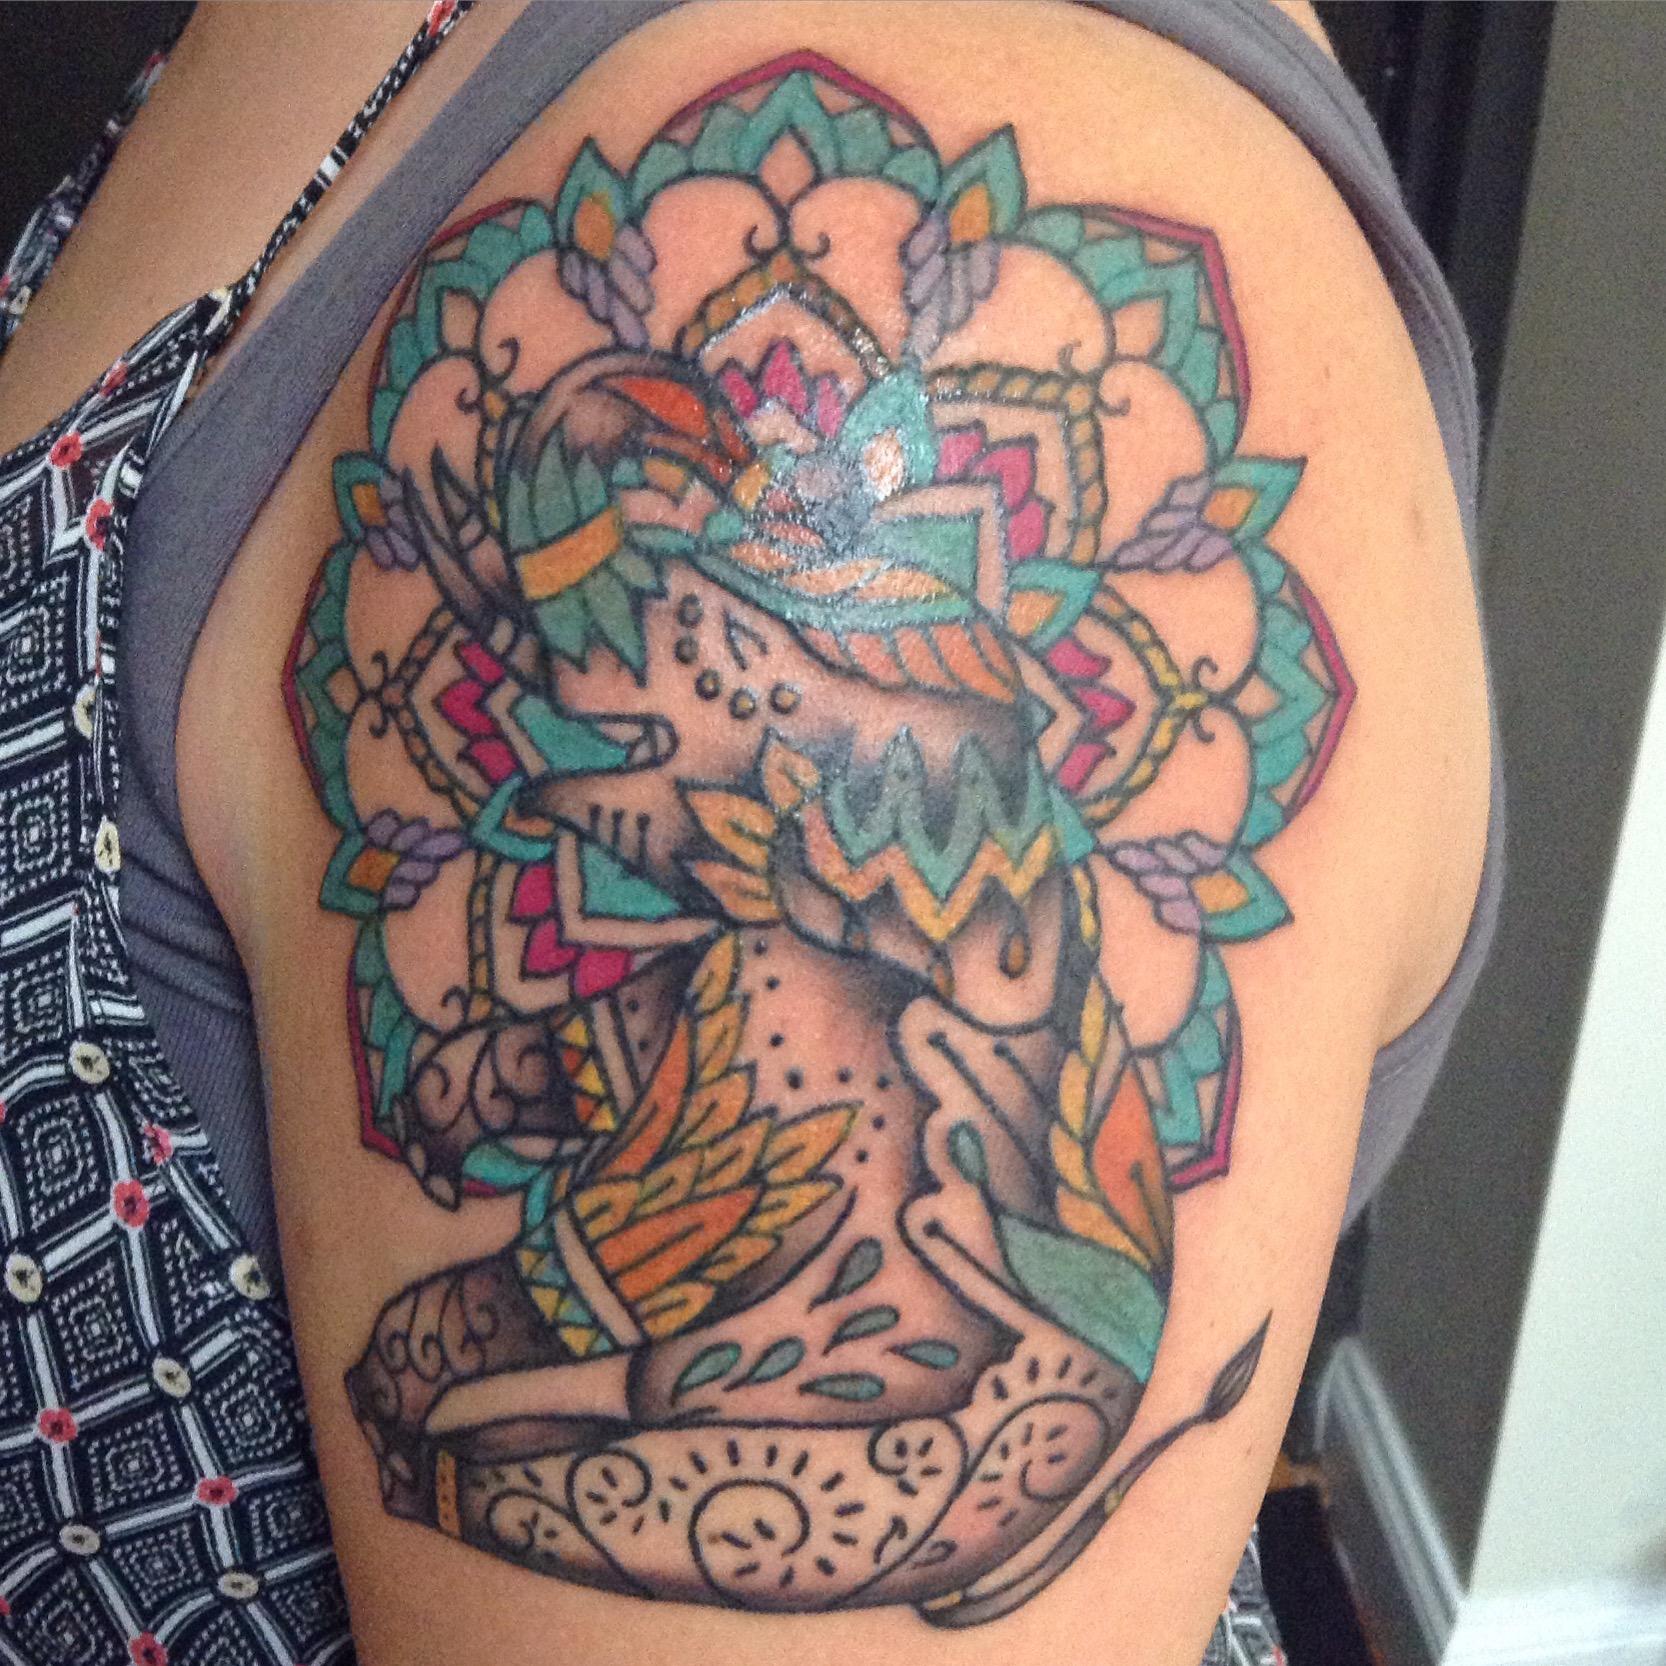 Tattoo by Martina Major.